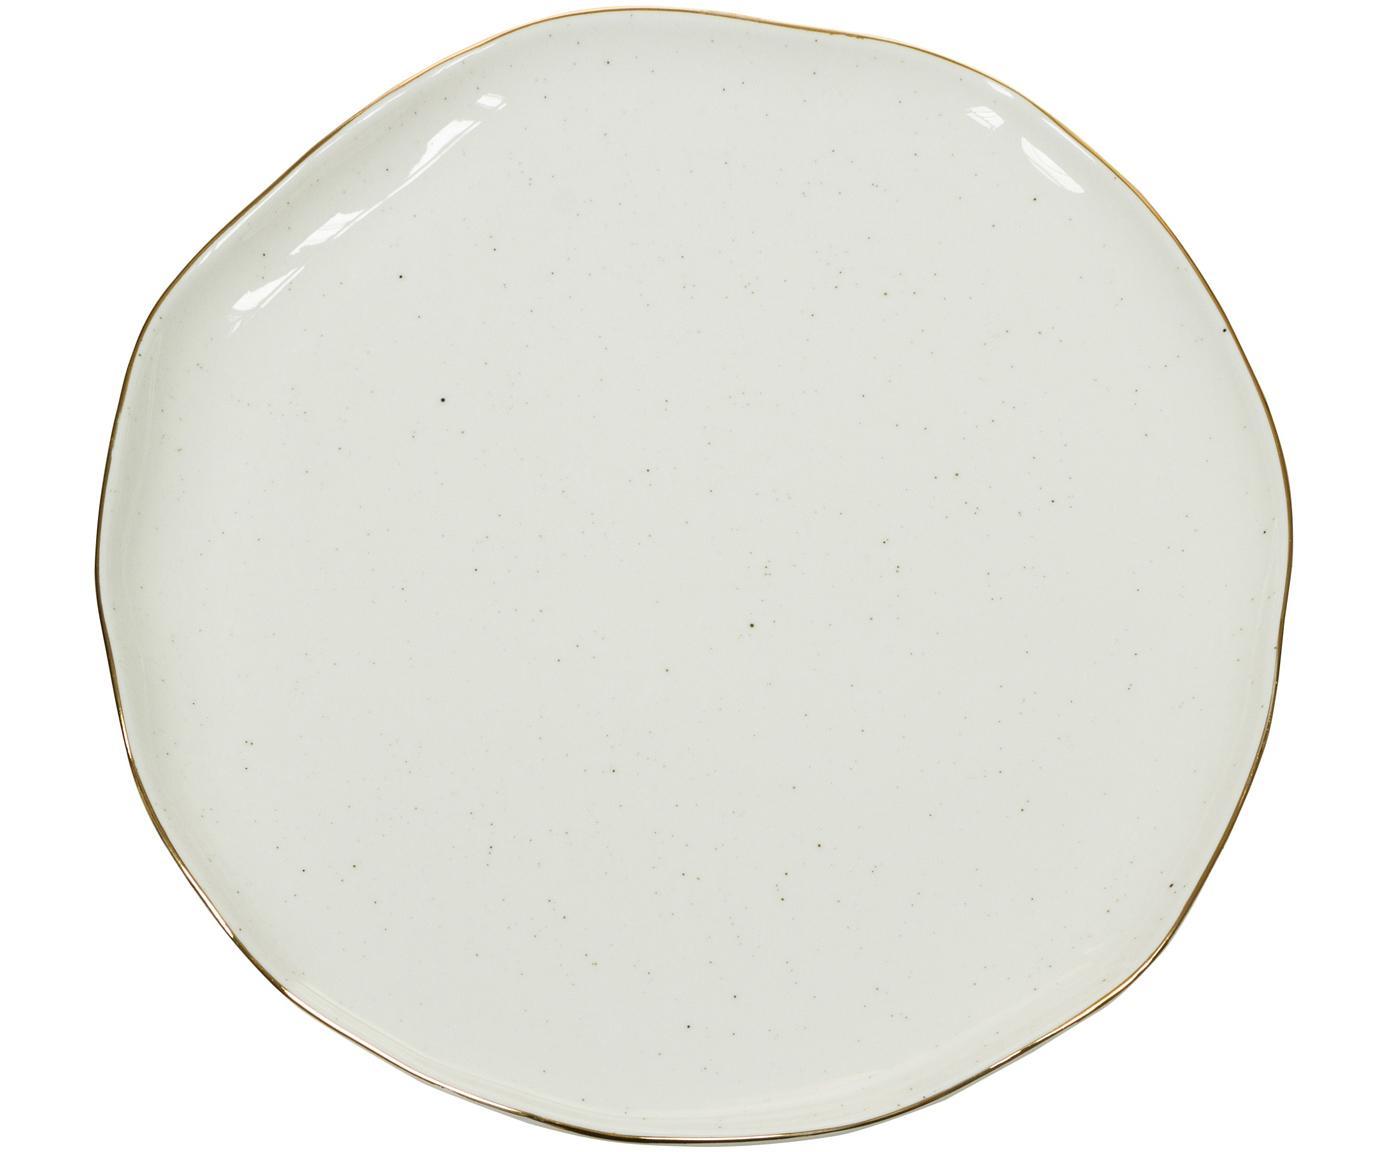 Handgefertigte Speiseteller Bol mit Goldrand, 2 Stück, Porzellan, Cremeweiß, Ø 26 x H 3 cm